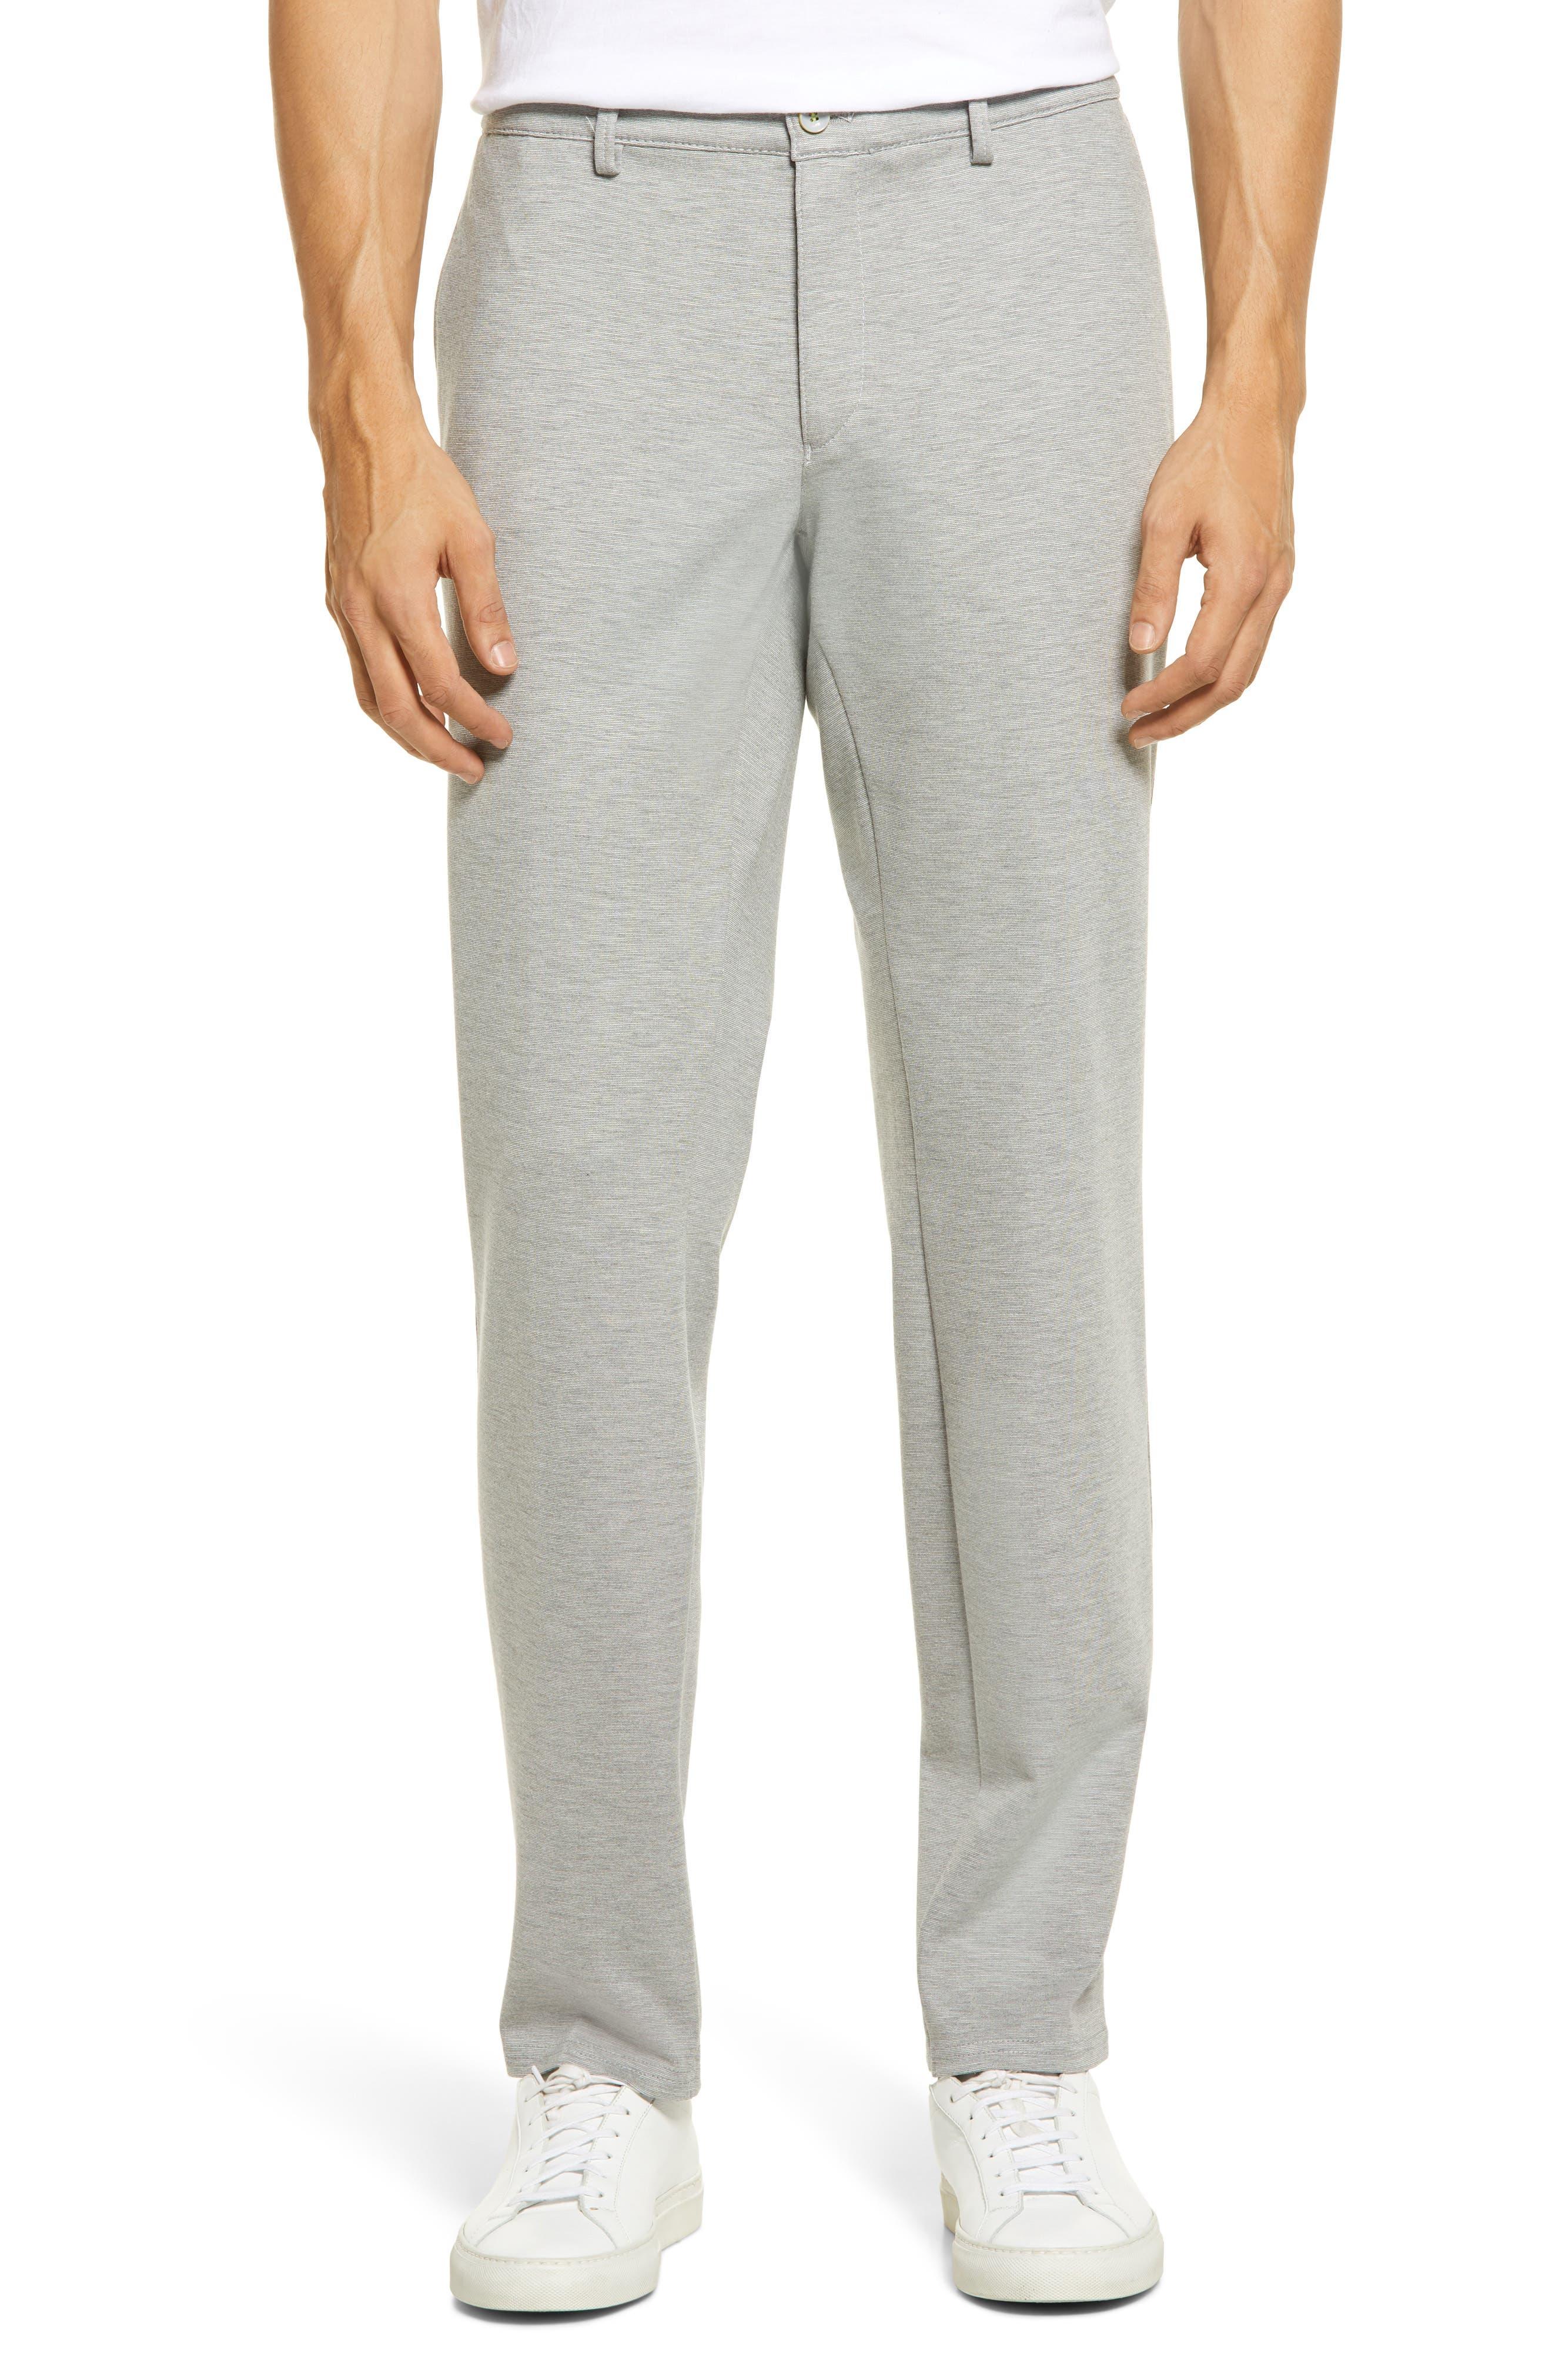 Silvio Jersey Knit Pants